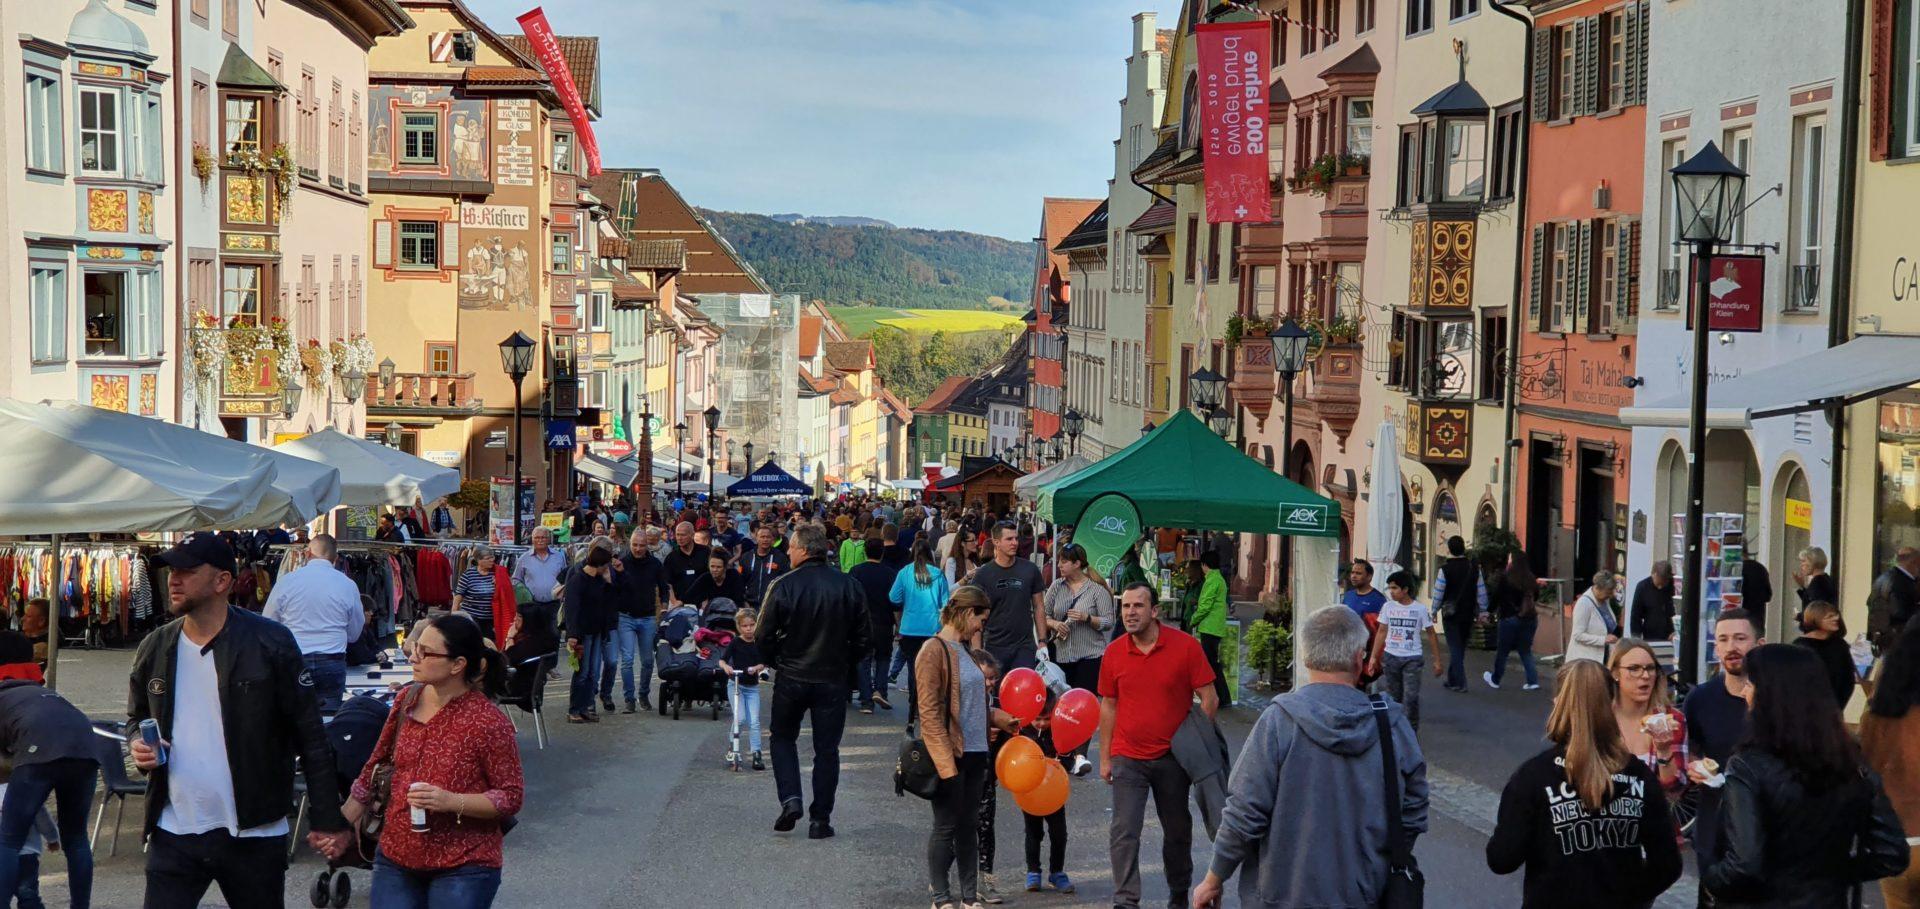 Tausende Menschen haben am Nachmittag die Rottweiler Innenstadt bevölkert. Foto: Peter Arnegger